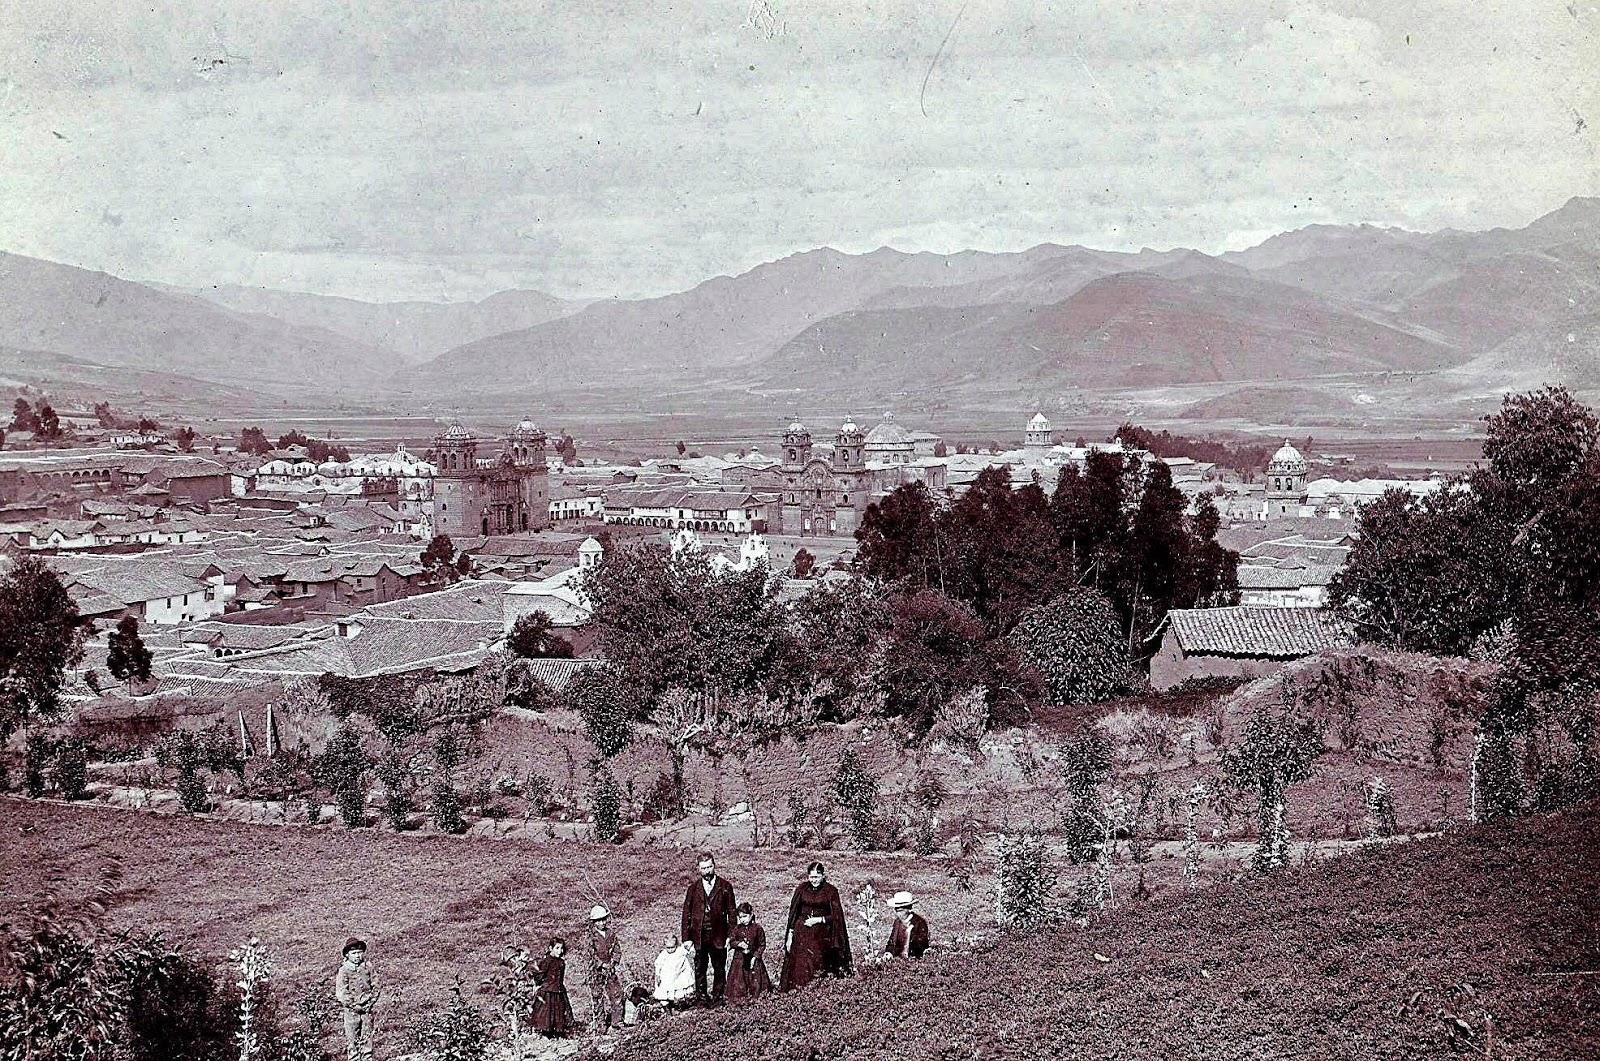 Vista de la ciudad de Cusco desde Santa Ana foto antigua